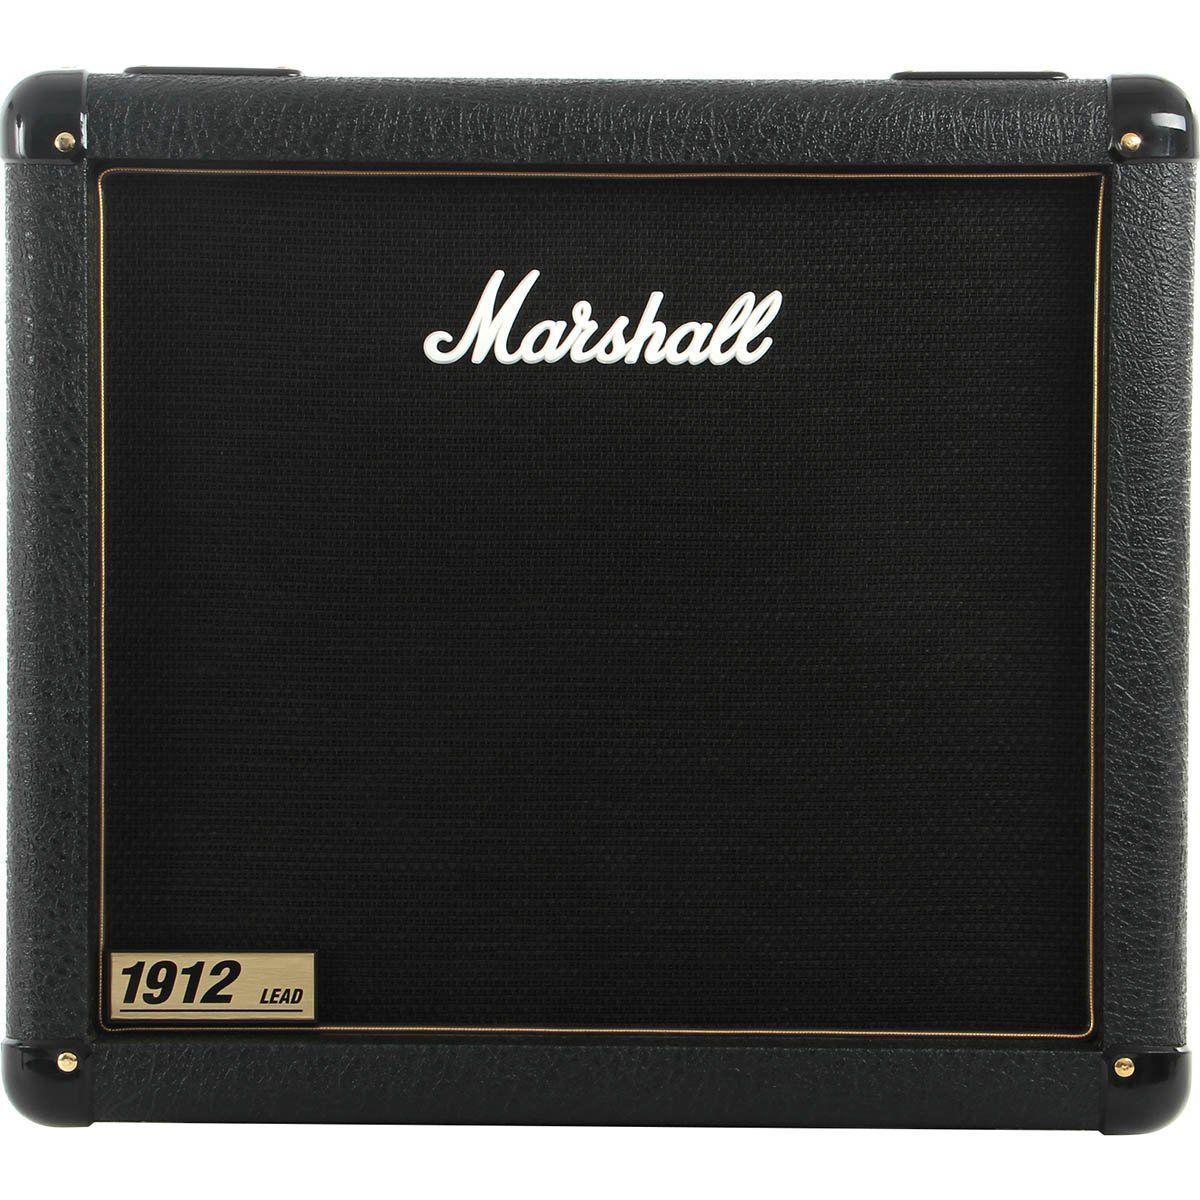 Marshall 1912 Amplificador Gabinete para Guitarra